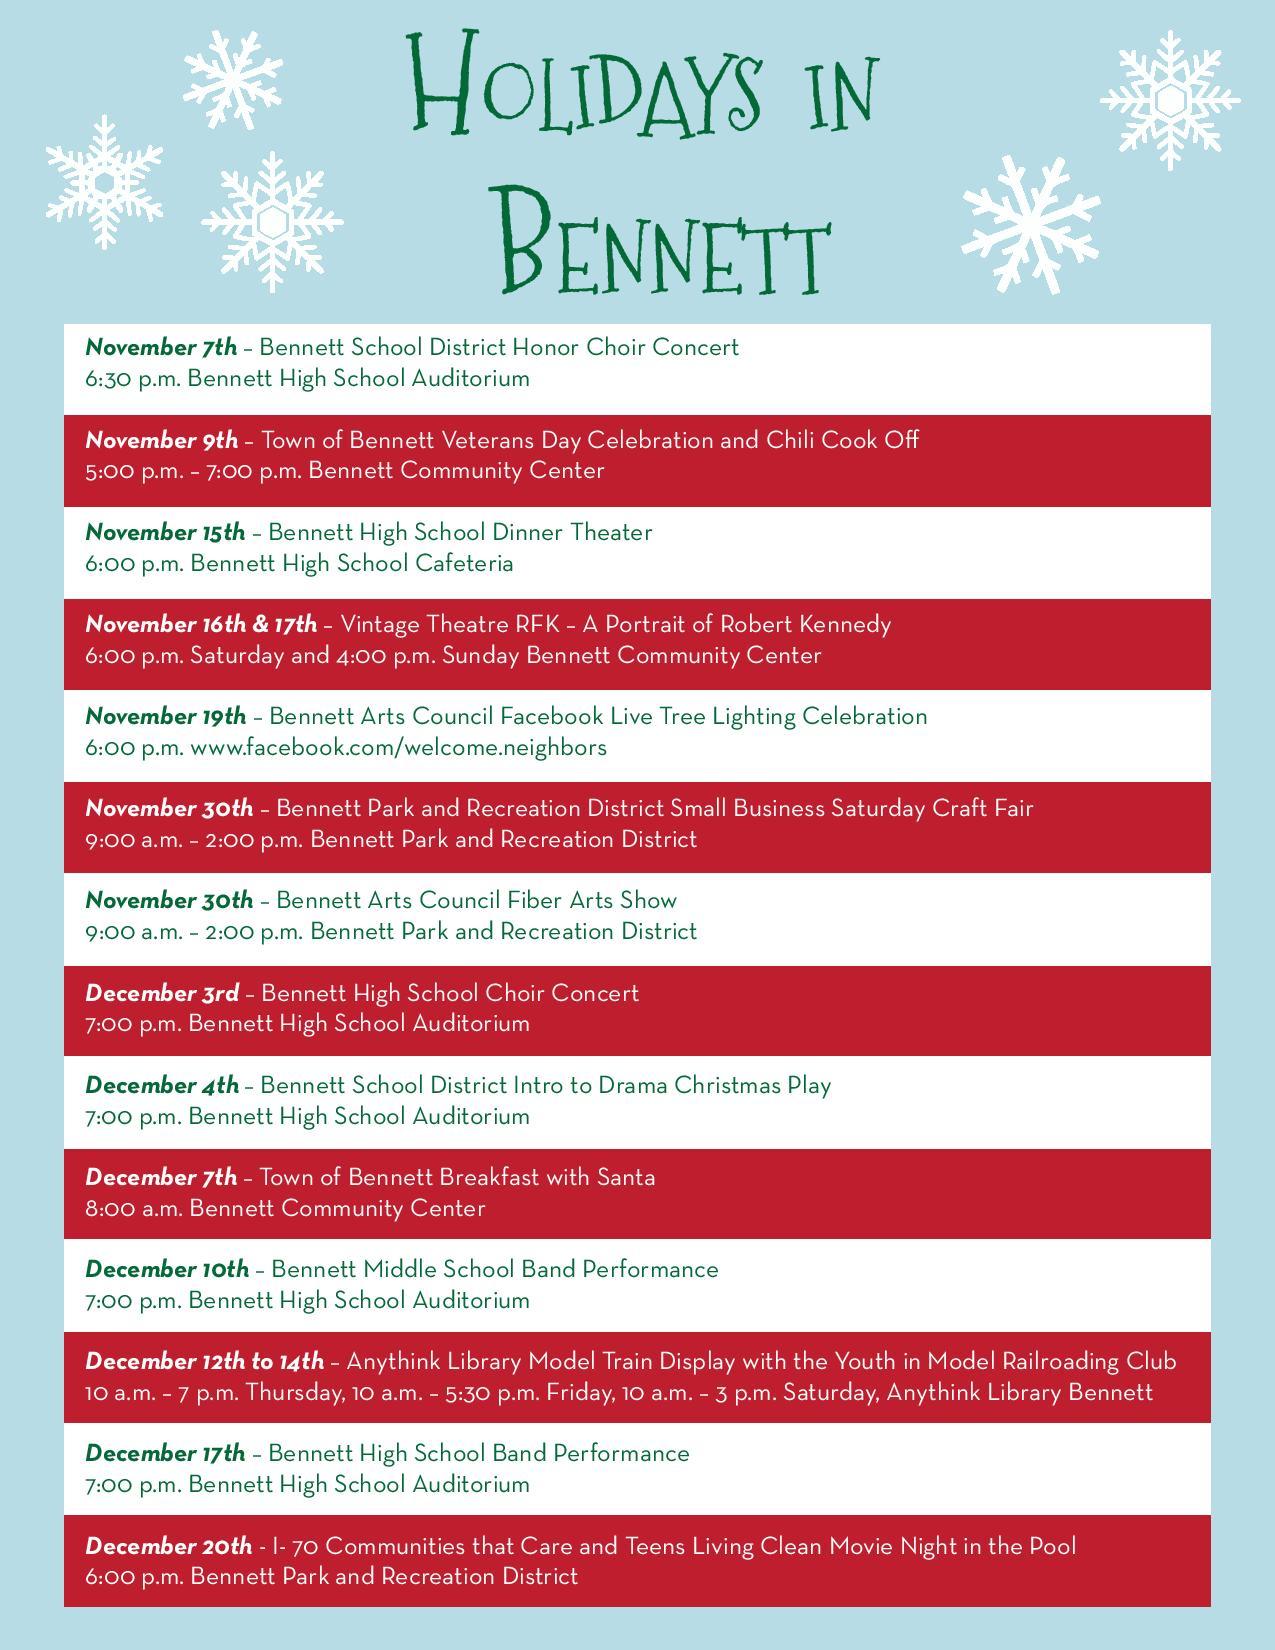 HolidaysInBennett_FullSheet-page-001.jpg